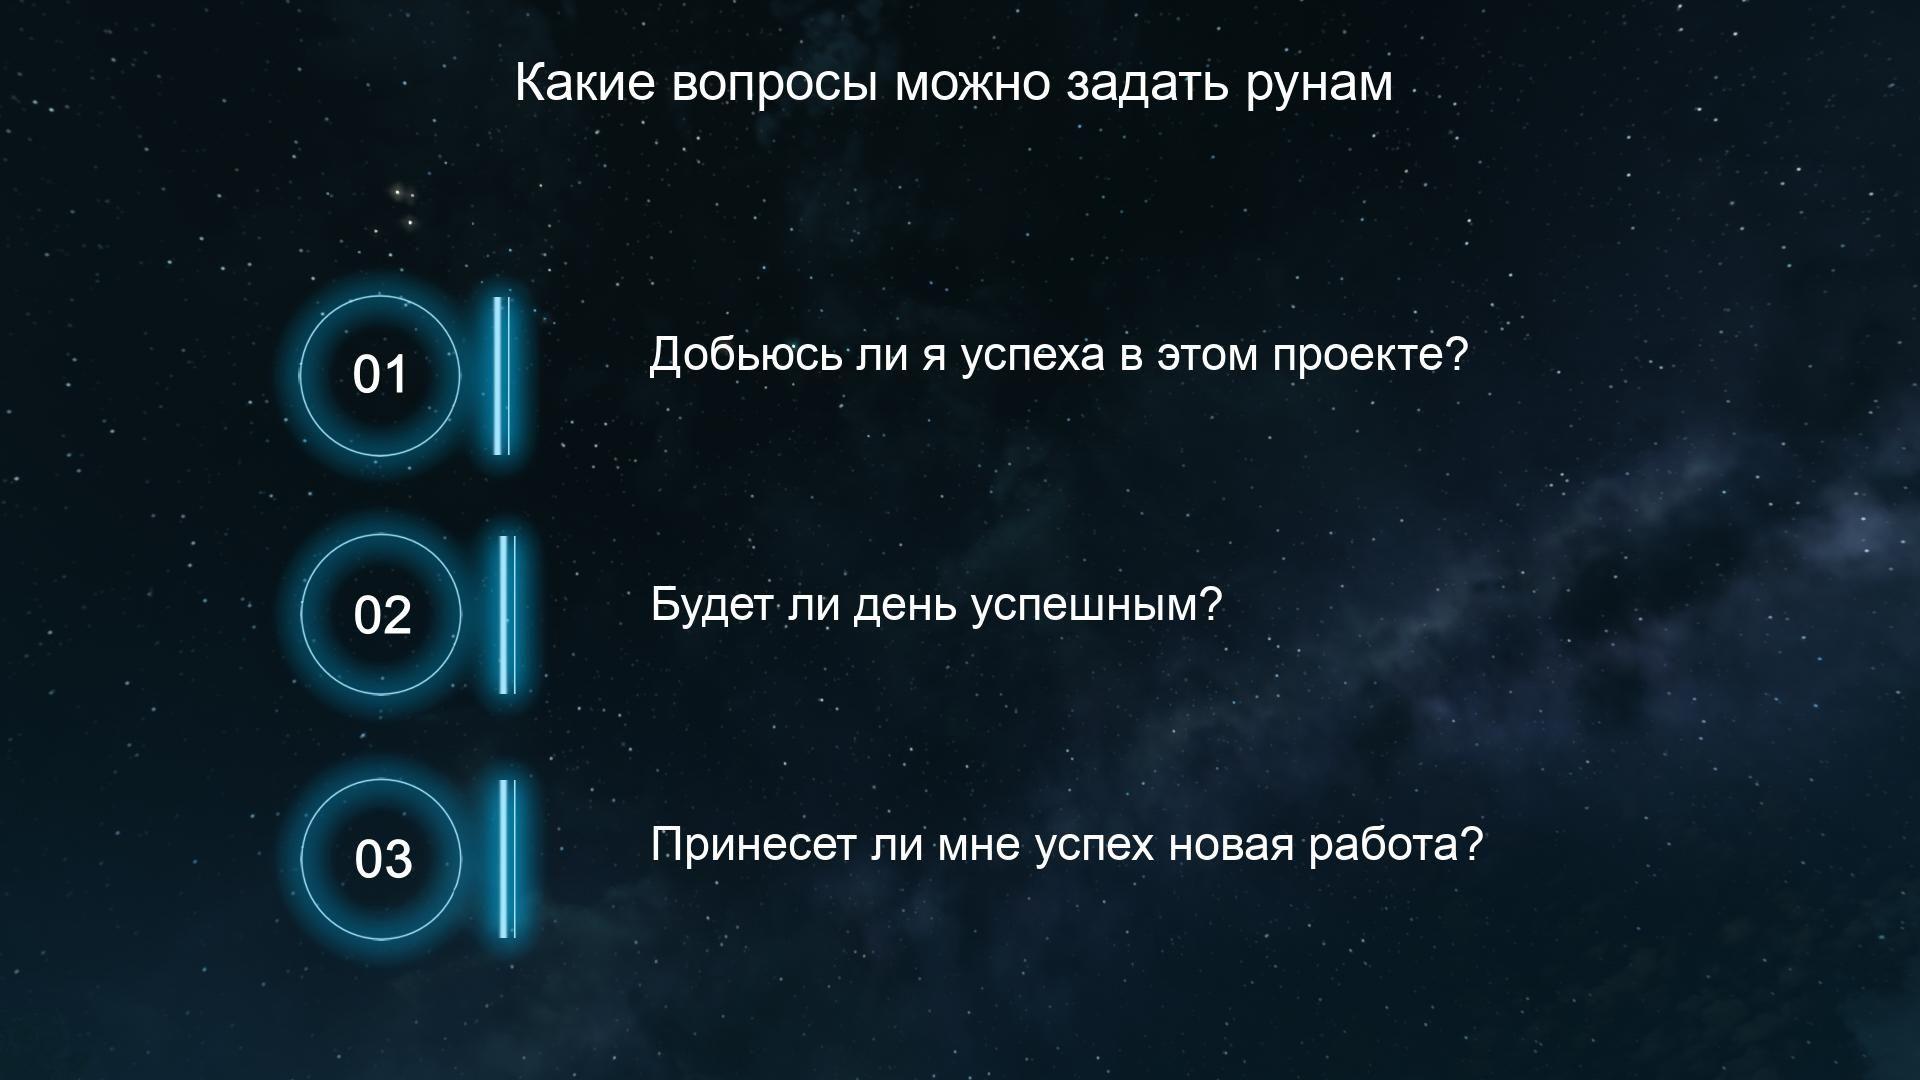 Какие вопросы можно задать рунам